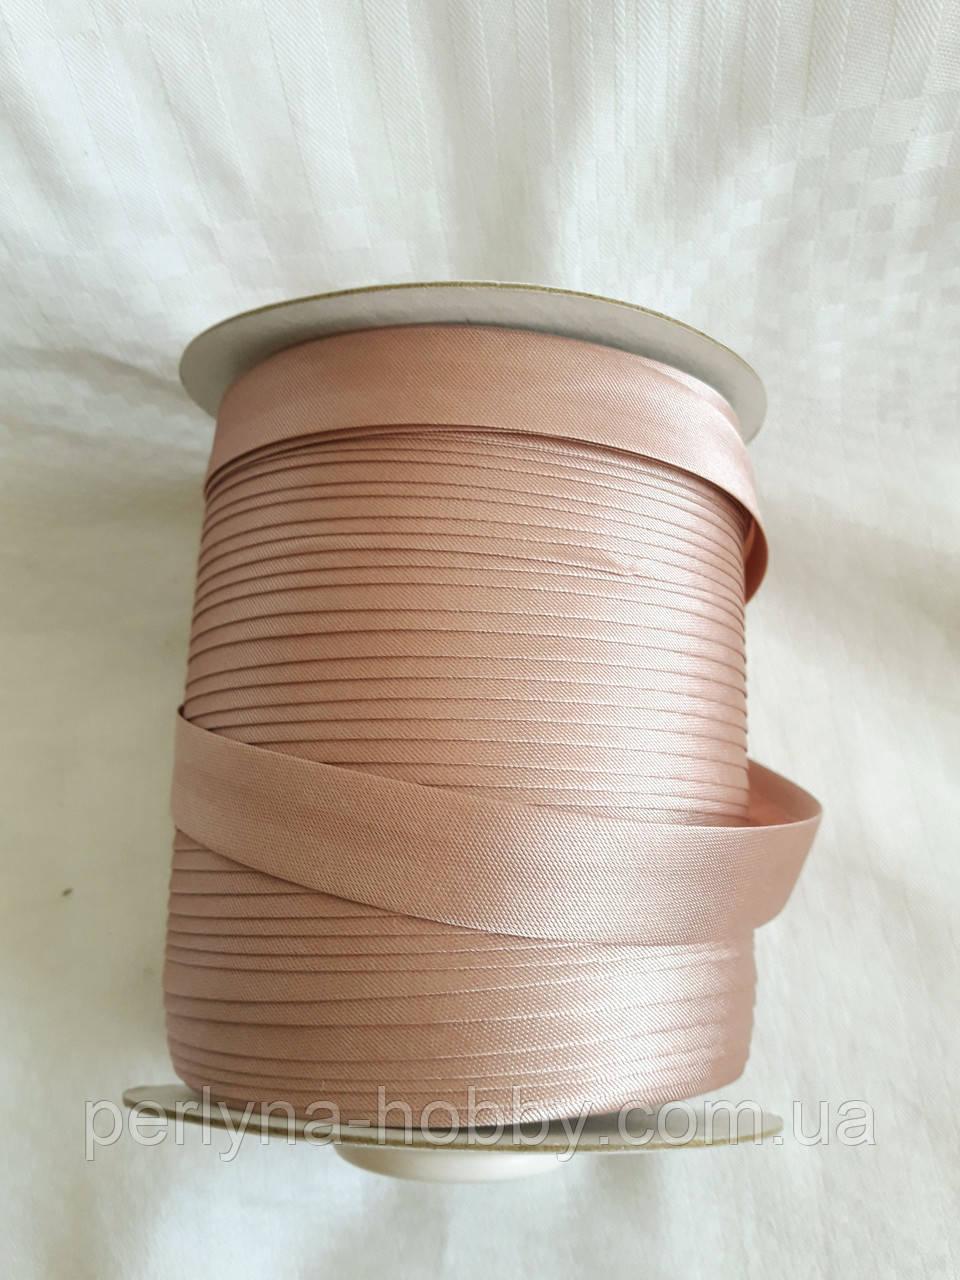 Лямівка атласна 15 мм, косая бейка, рожево-бежева № 93